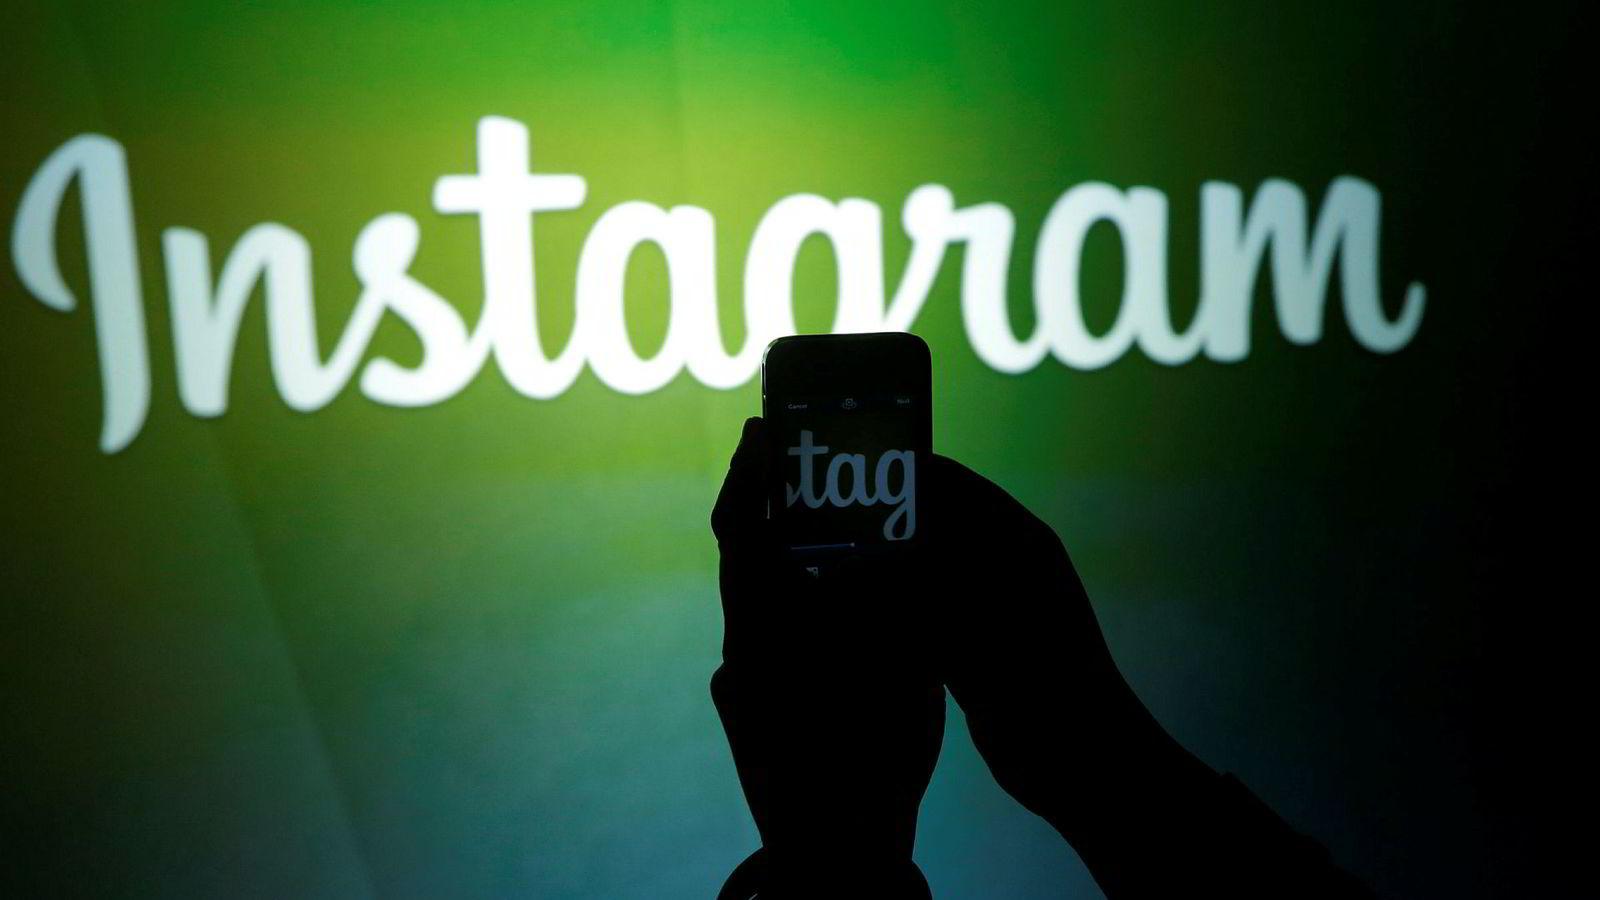 Et lite antall Instagram-brukere opplevde i forrige uke å få sine passord eksponert. Feilen har siden blitt rettet.